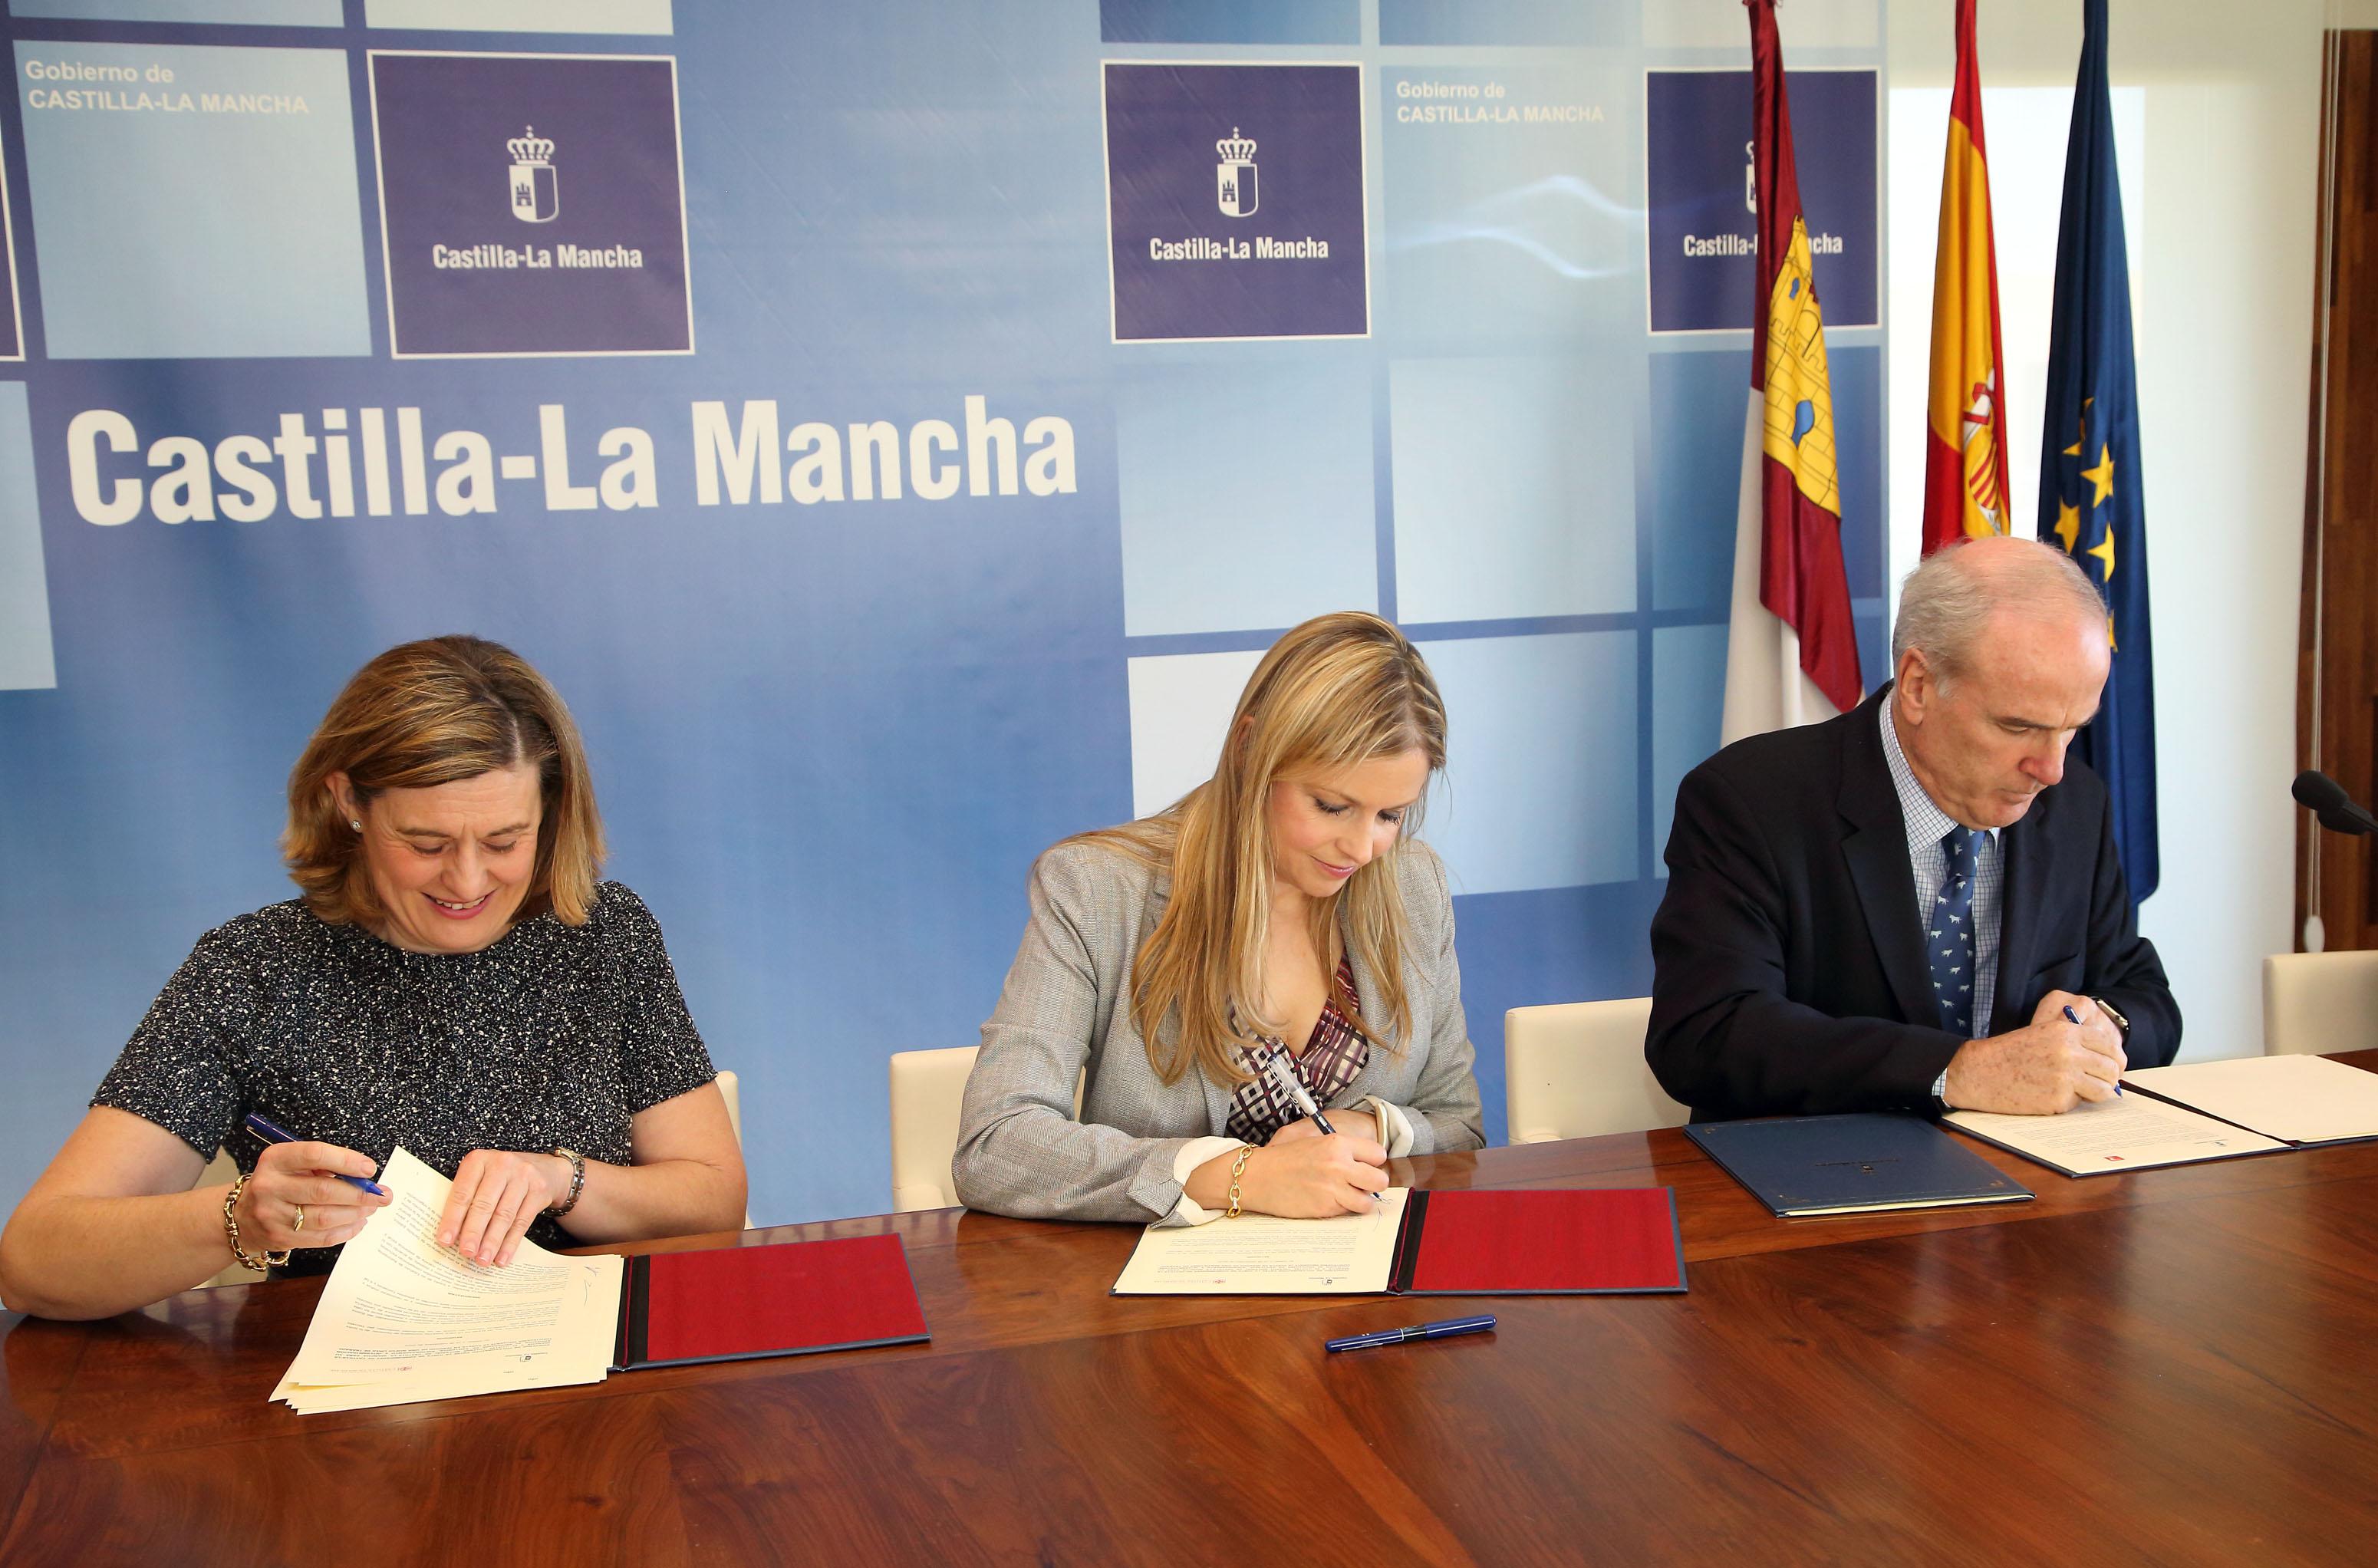 El acuerdo del gobierno regional con notarios y for Oficina virtual castilla la mancha